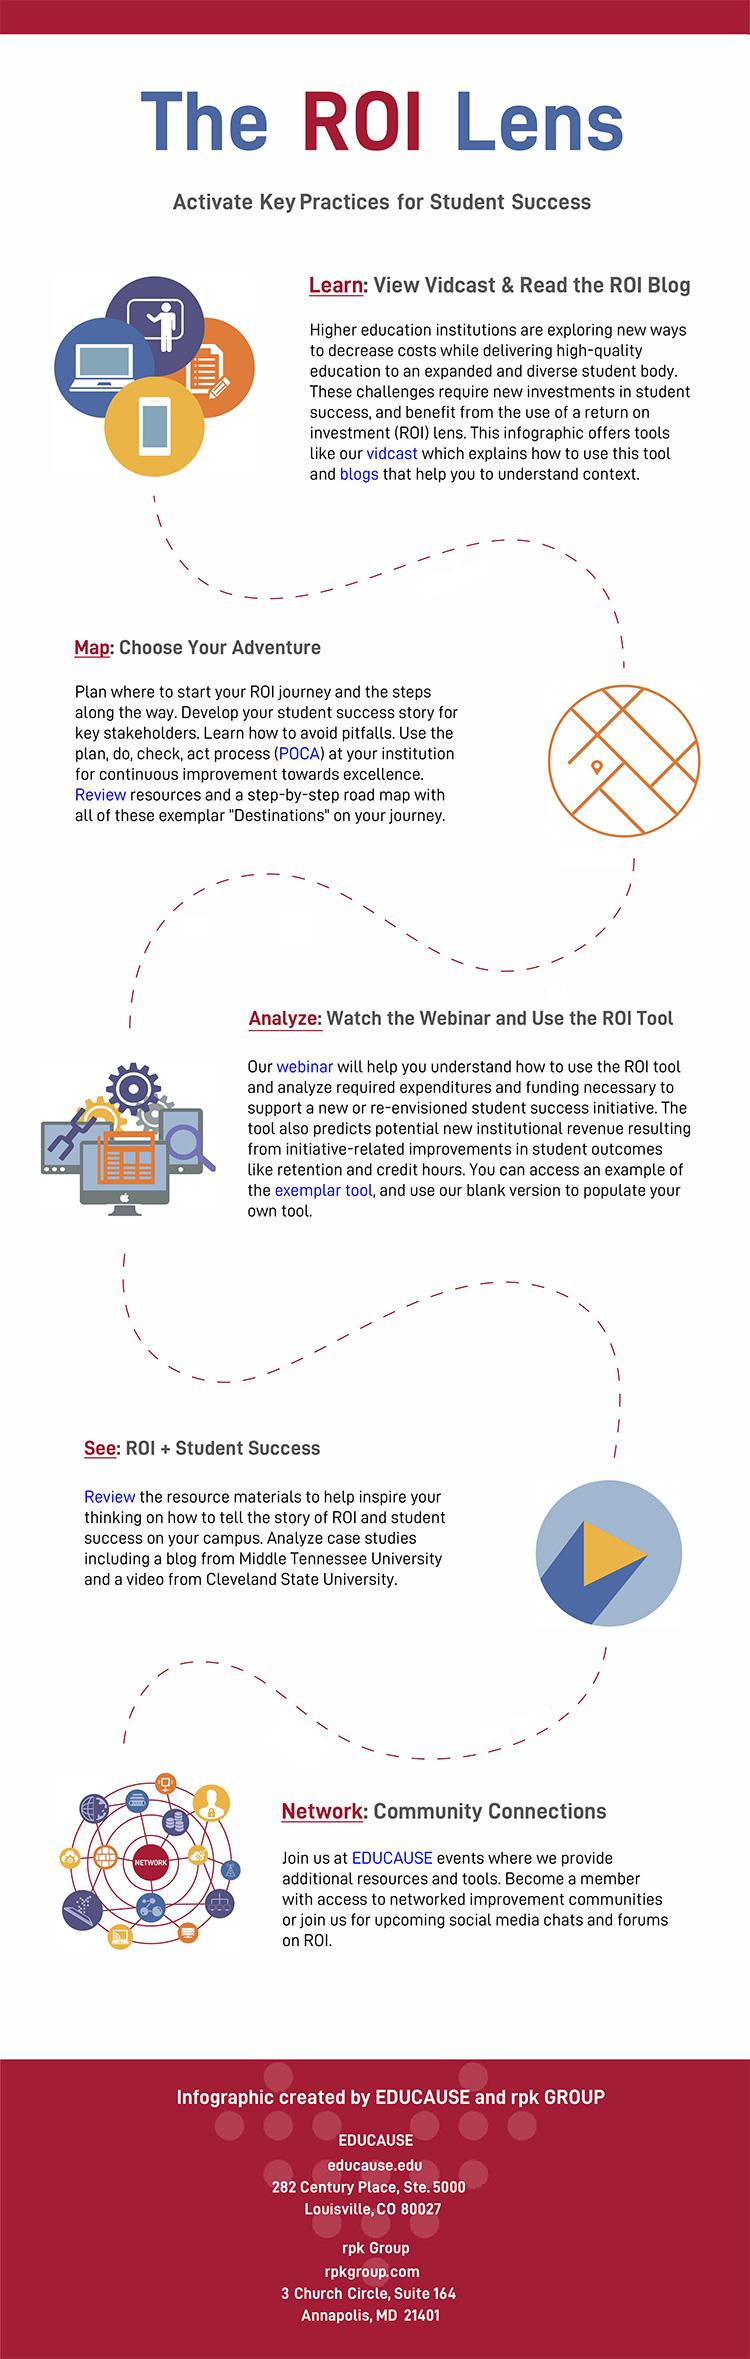 Return on Investment Toolkit | EDUCAUSE